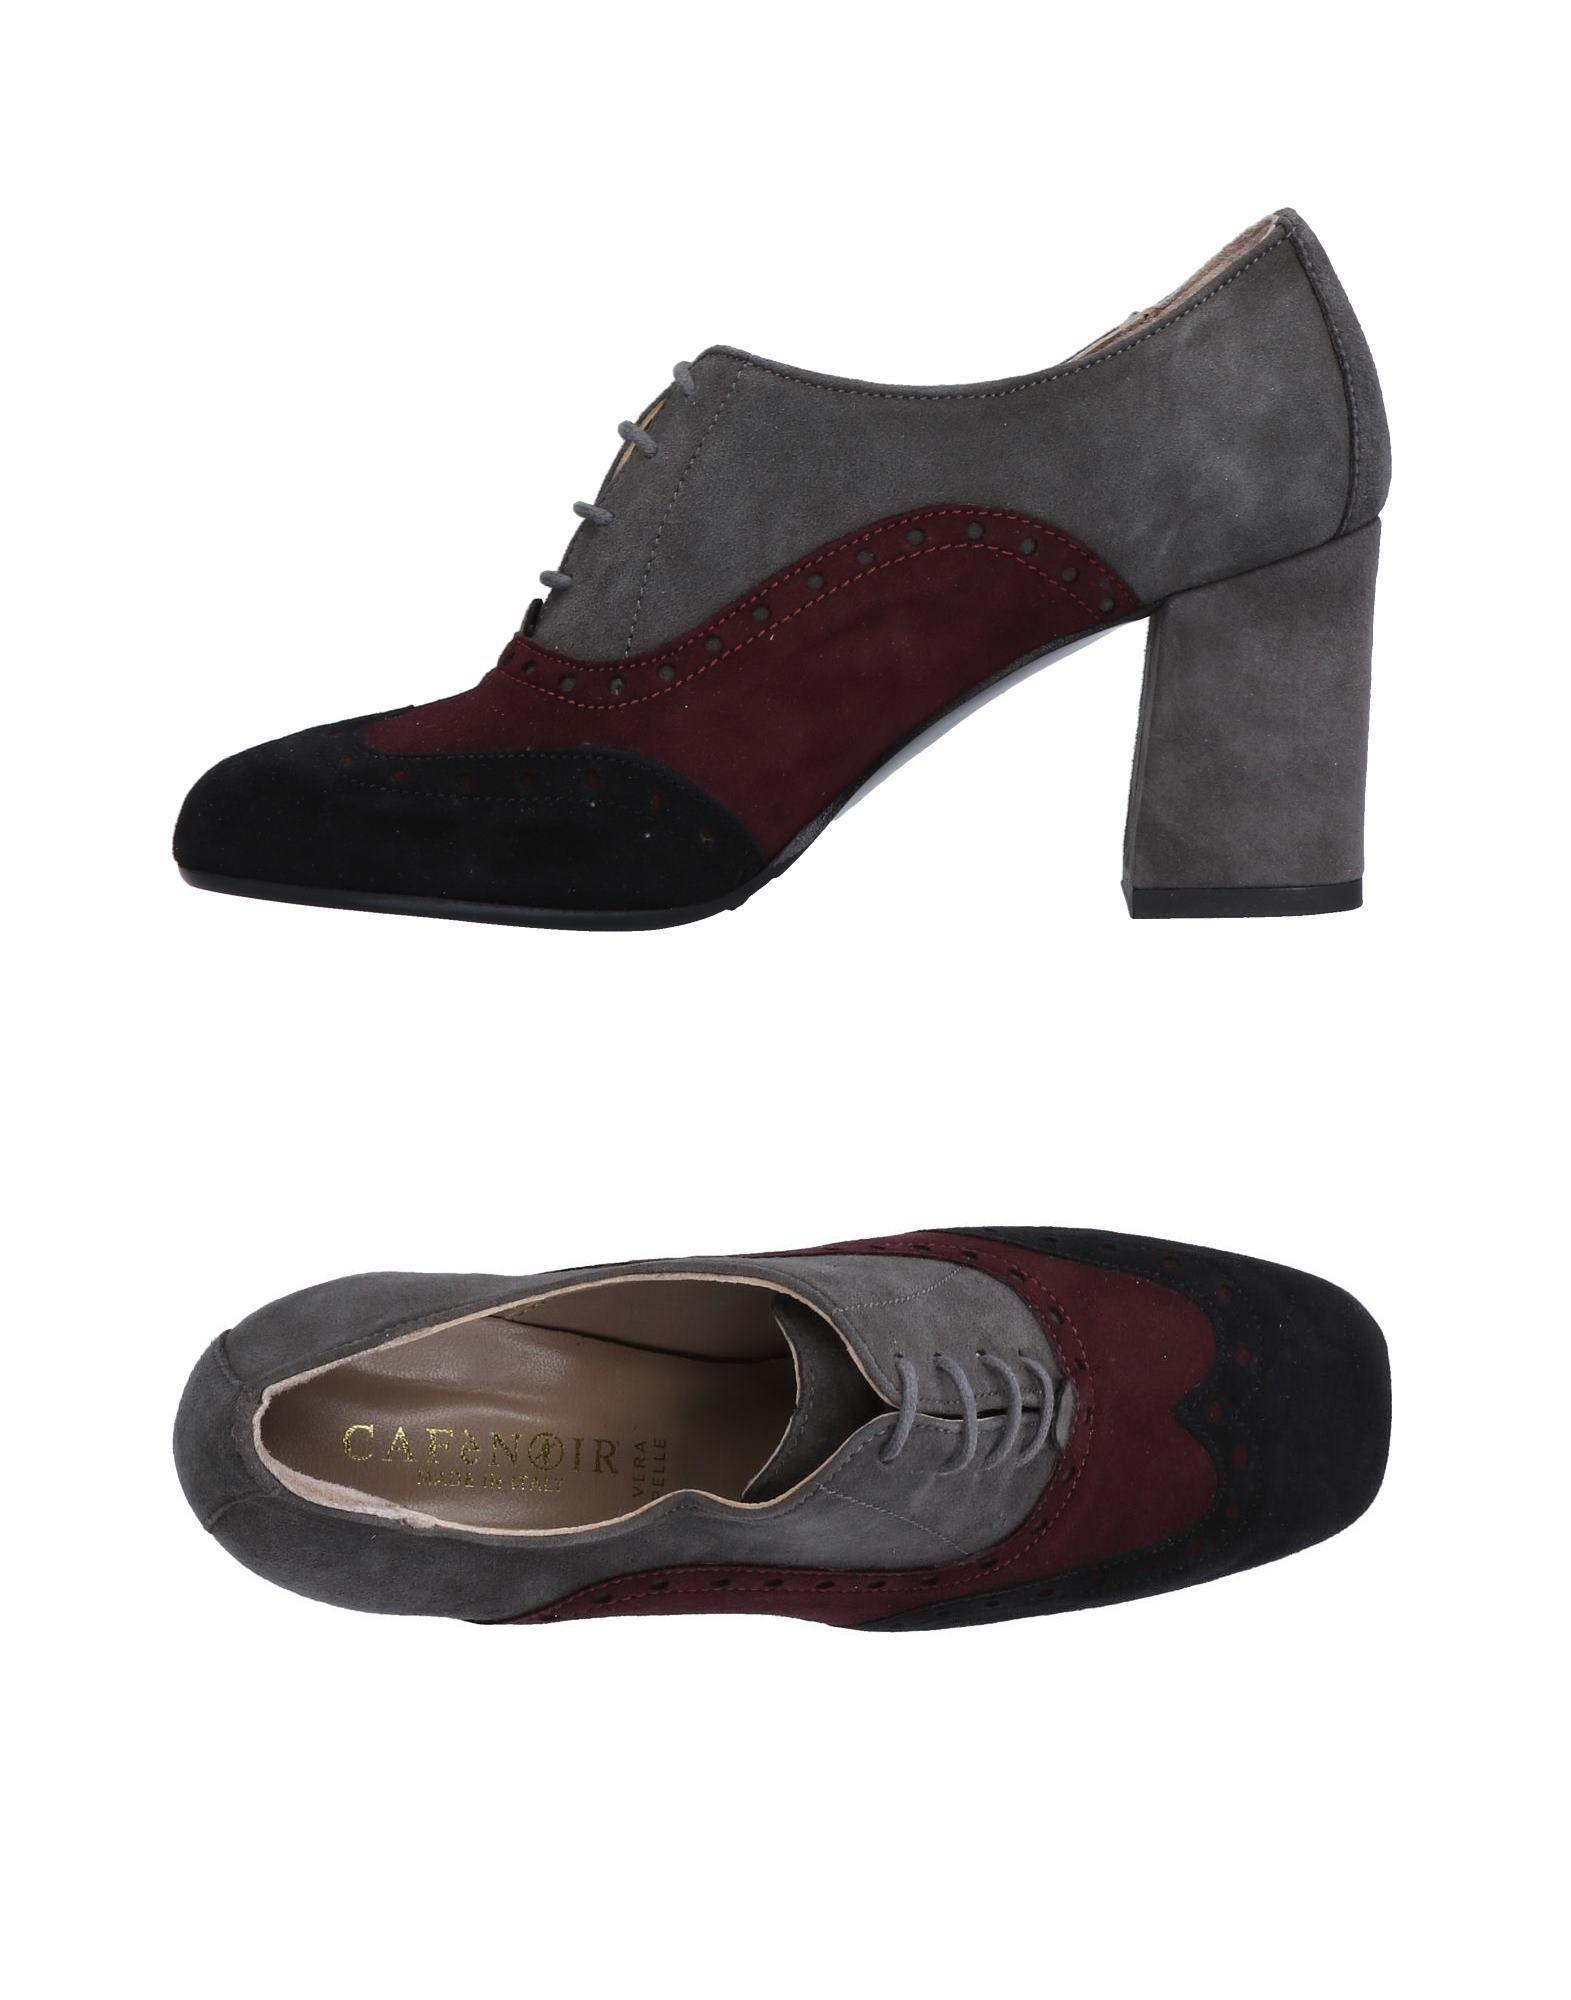 Los últimos zapatos de descuento para hombres Zapato y mujeres Zapato hombres De Cordones Cafènoir Mujer - Zapatos De Cordones Cafènoir  Gris 1e7a64